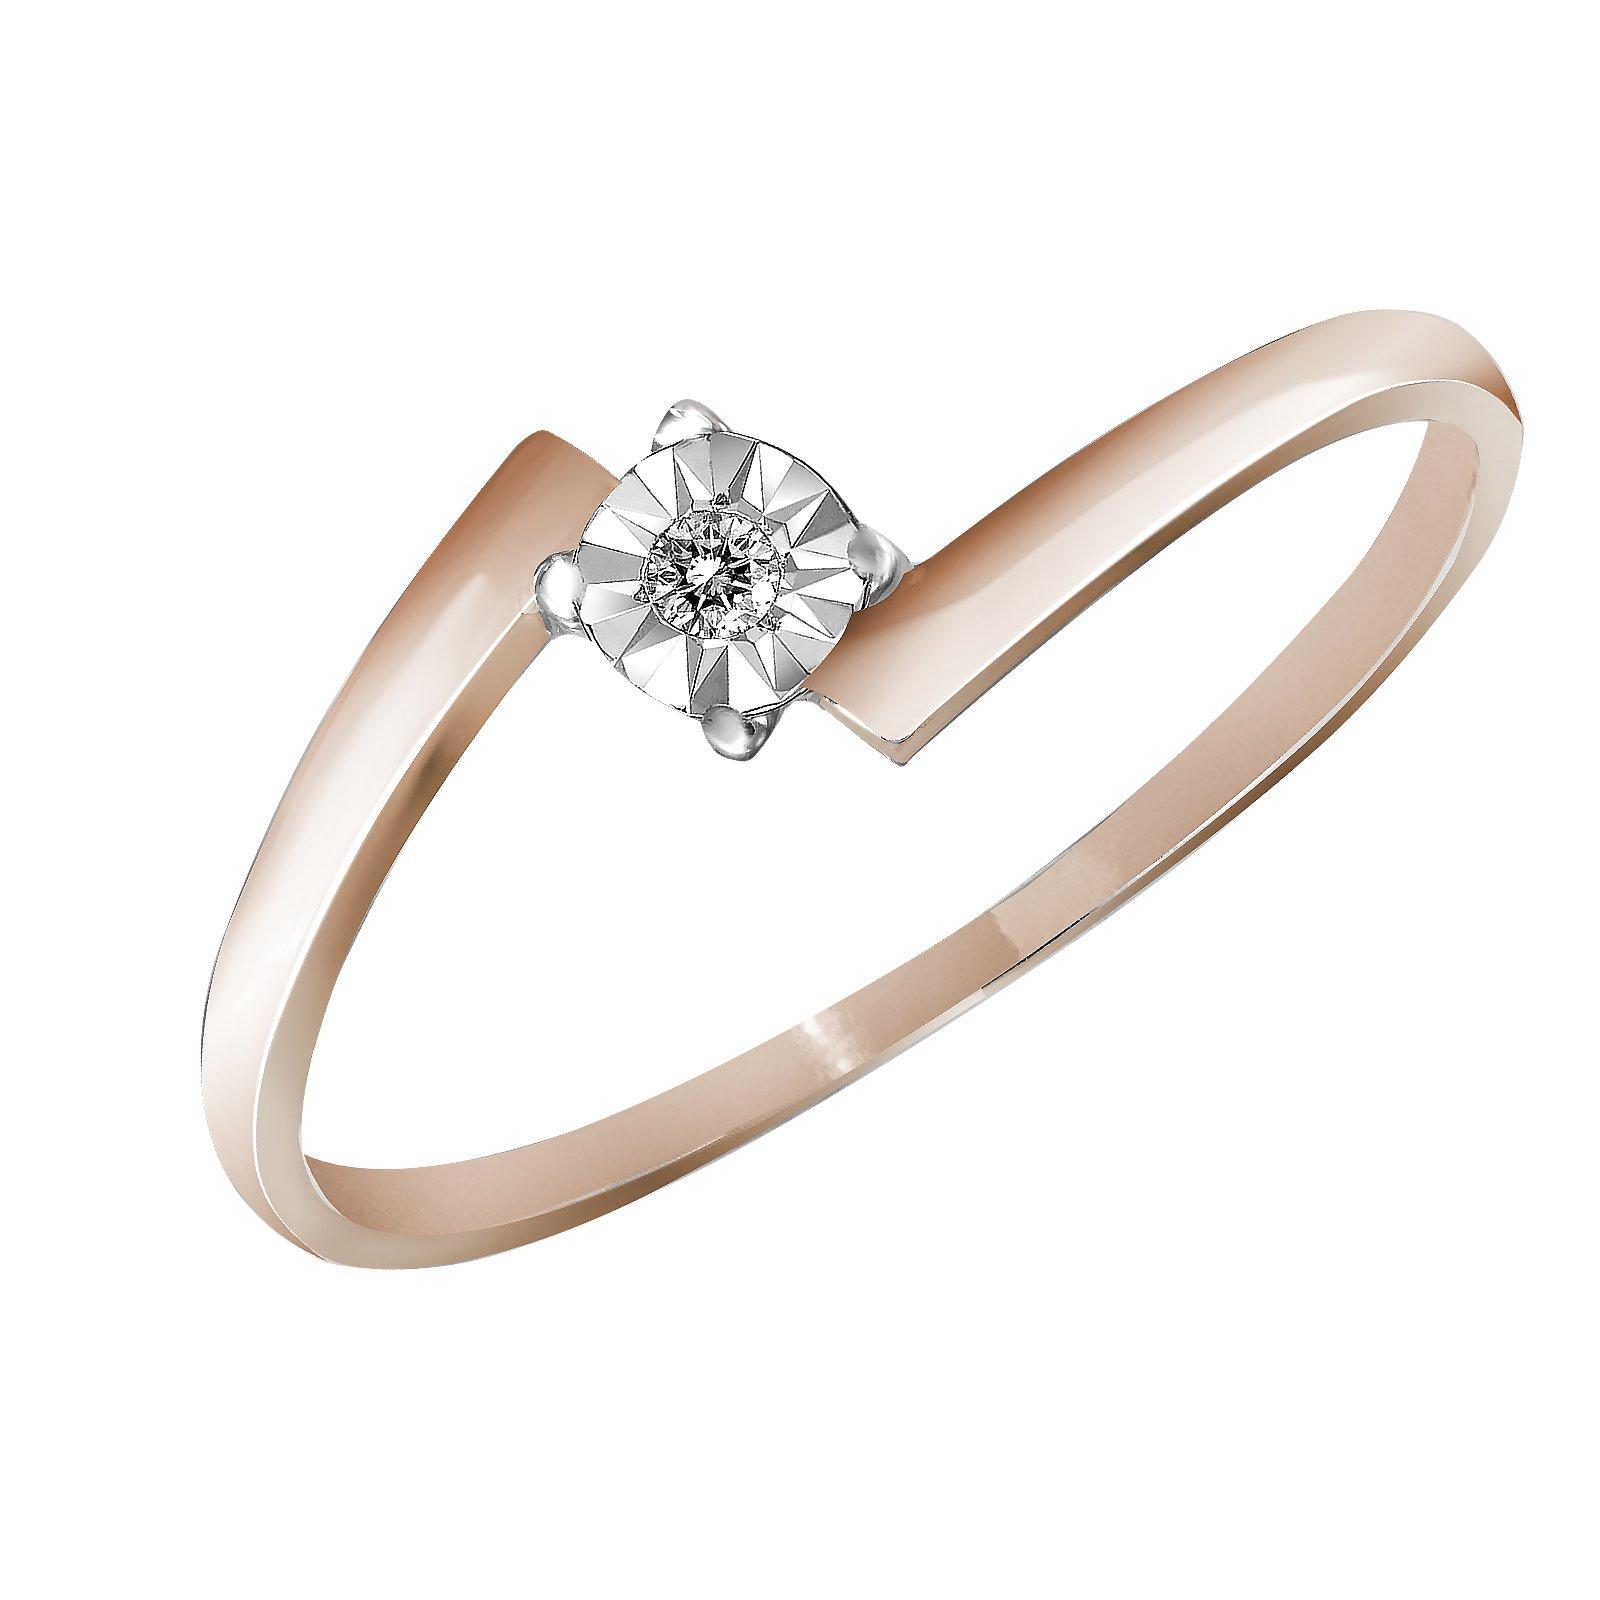 Кольцо из красного золота Карина с асимметричной шинкой и насечкой вокруг бриллианта